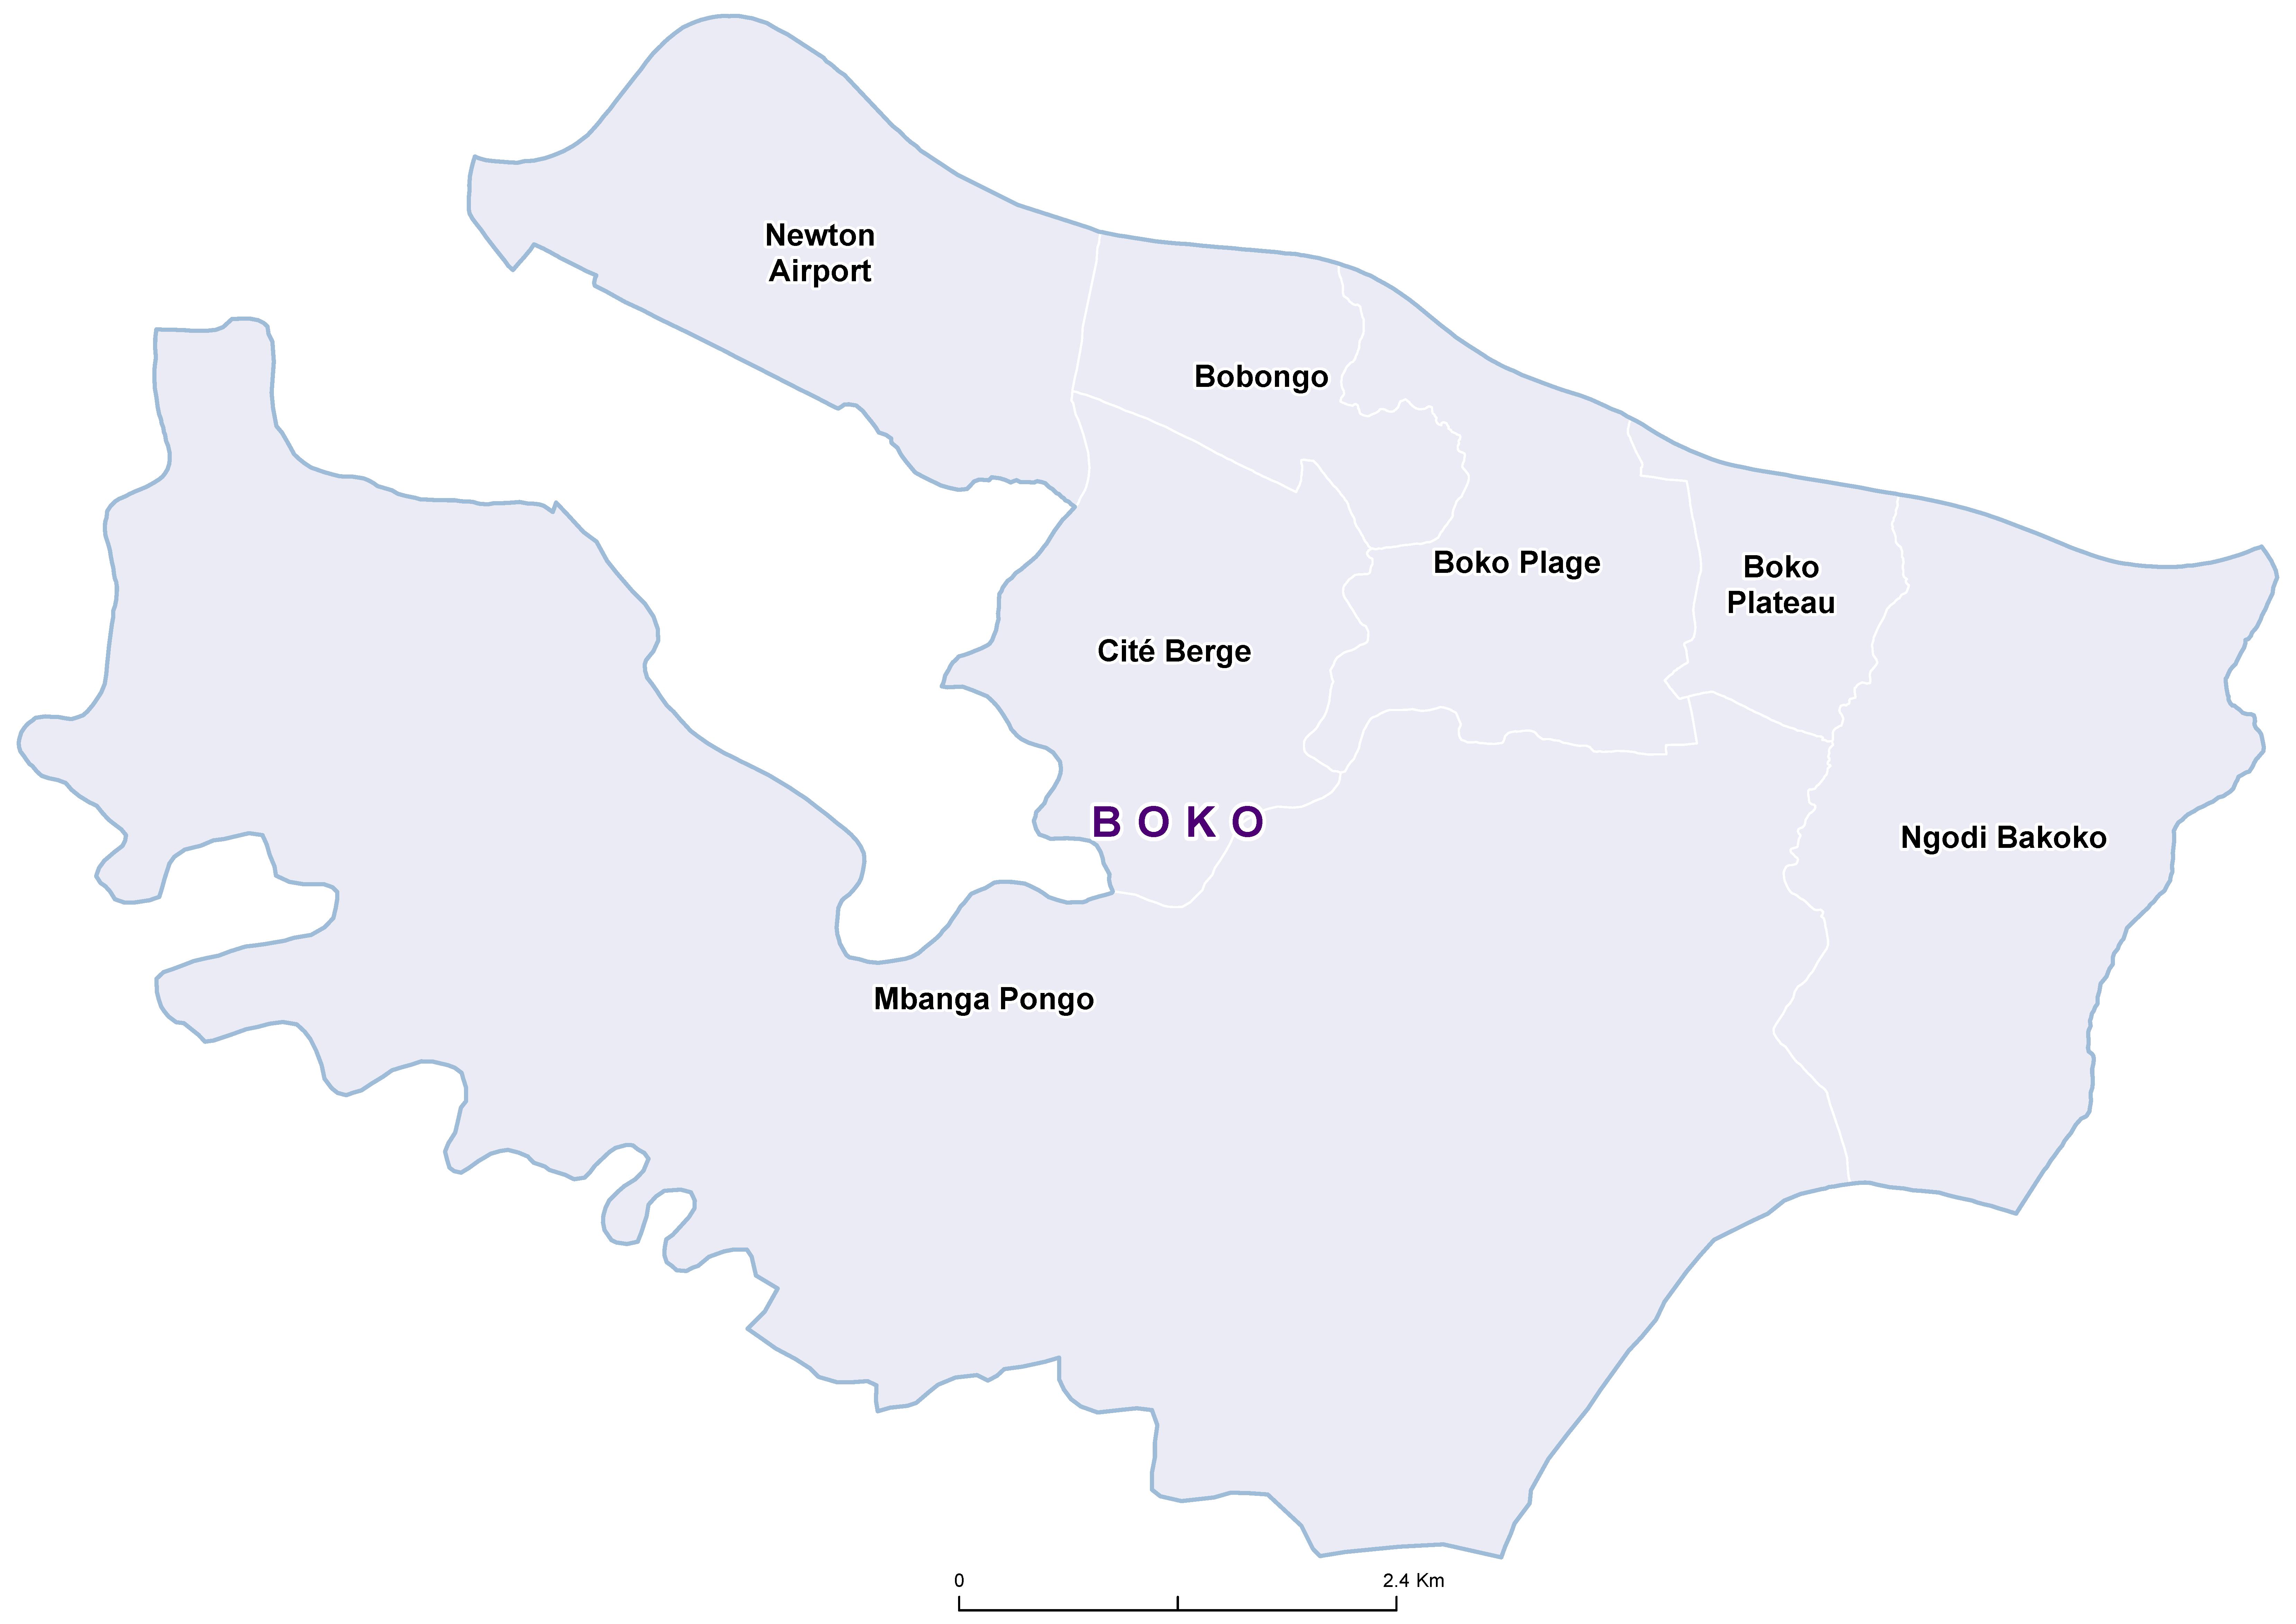 Boko STH 19850001